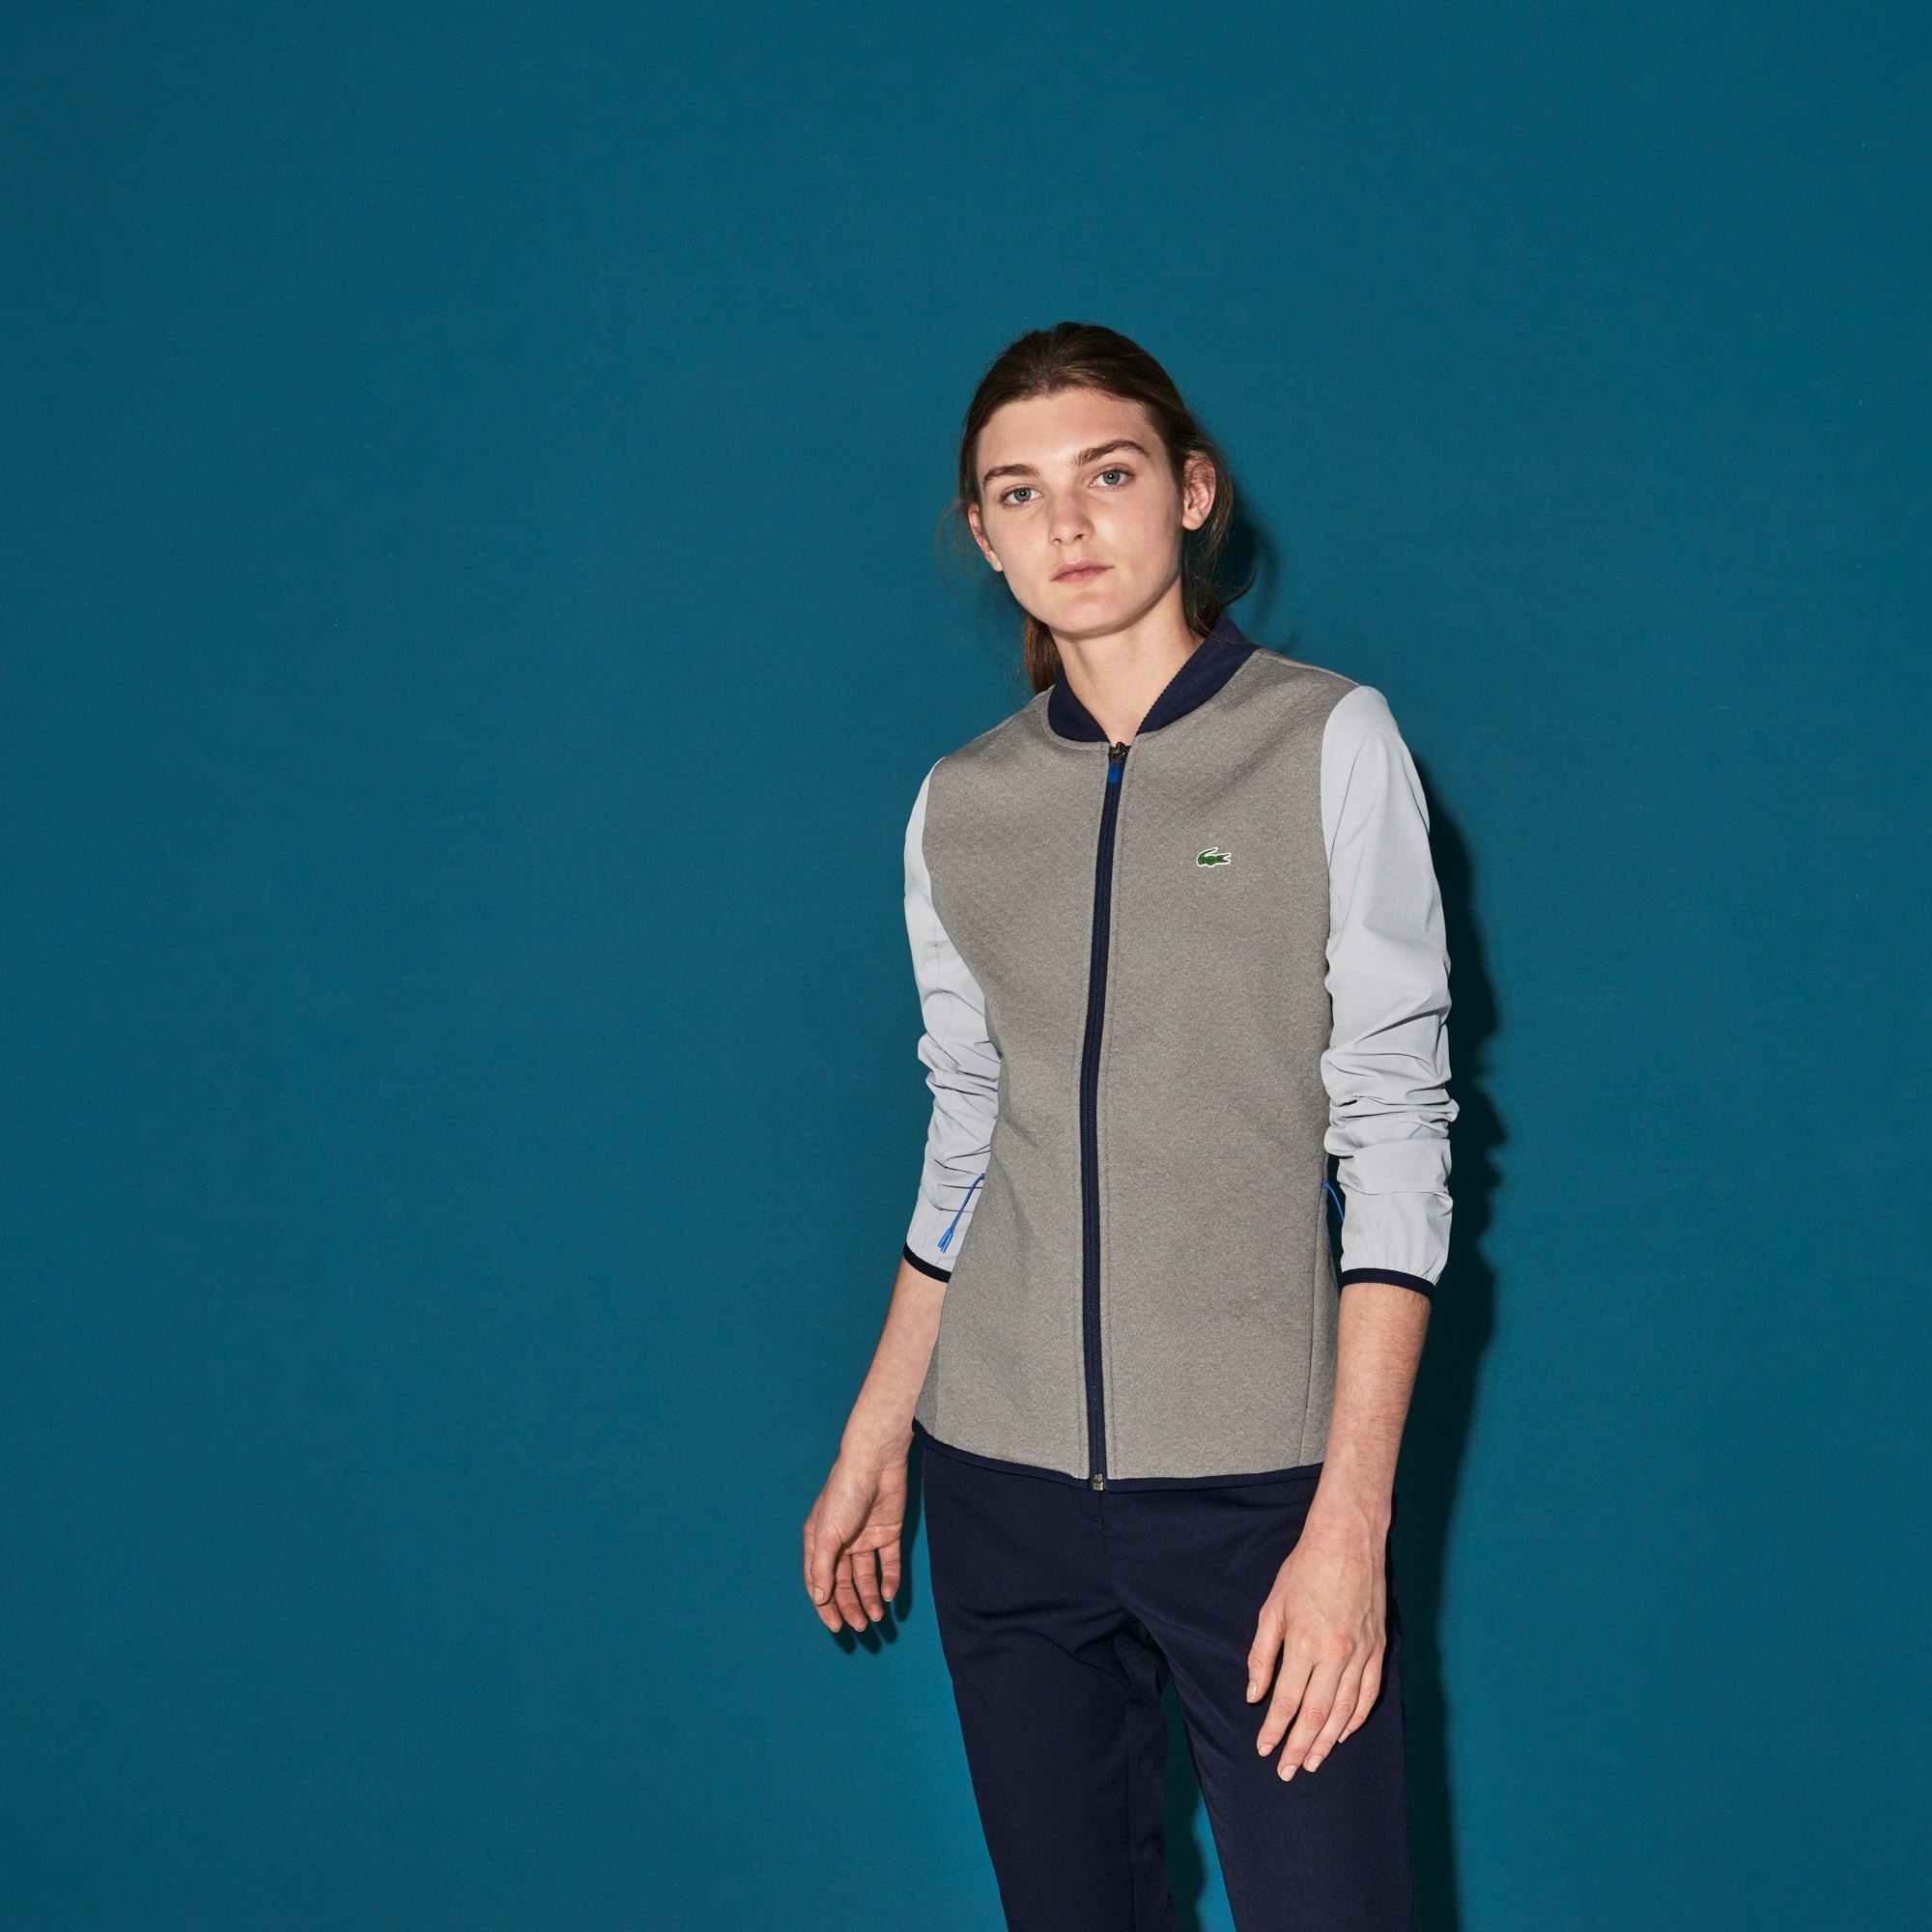 Damen LACOSTE SPORT wasserabweisendes Midlayer Golf-Sweatshirt